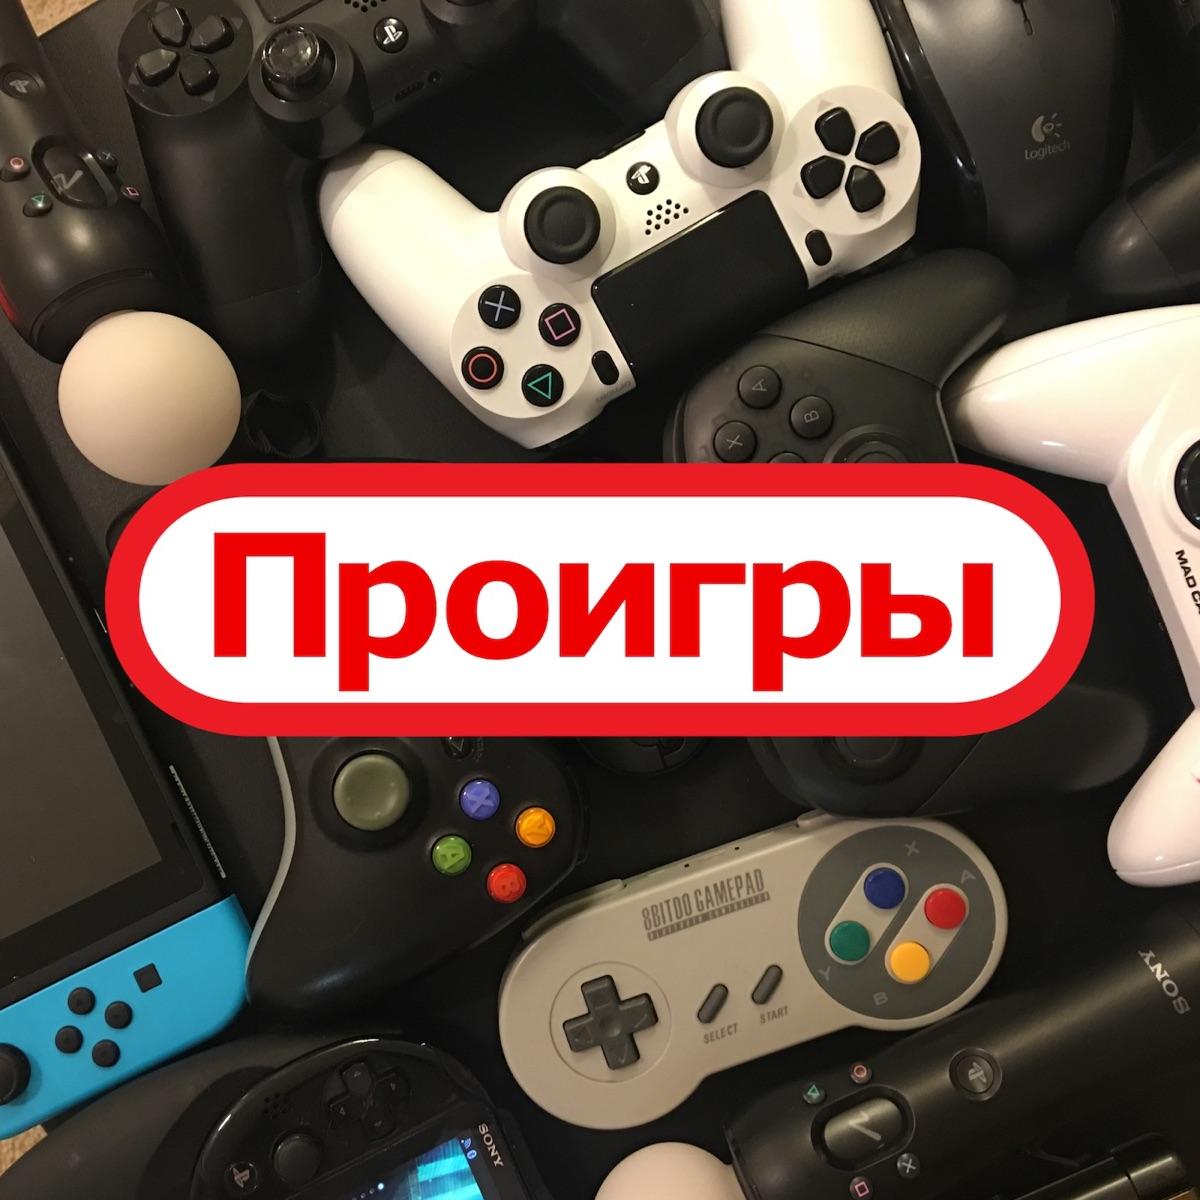 Astro игровые автоматы эксплотация lang ru майнкрафт играть создать свою карту